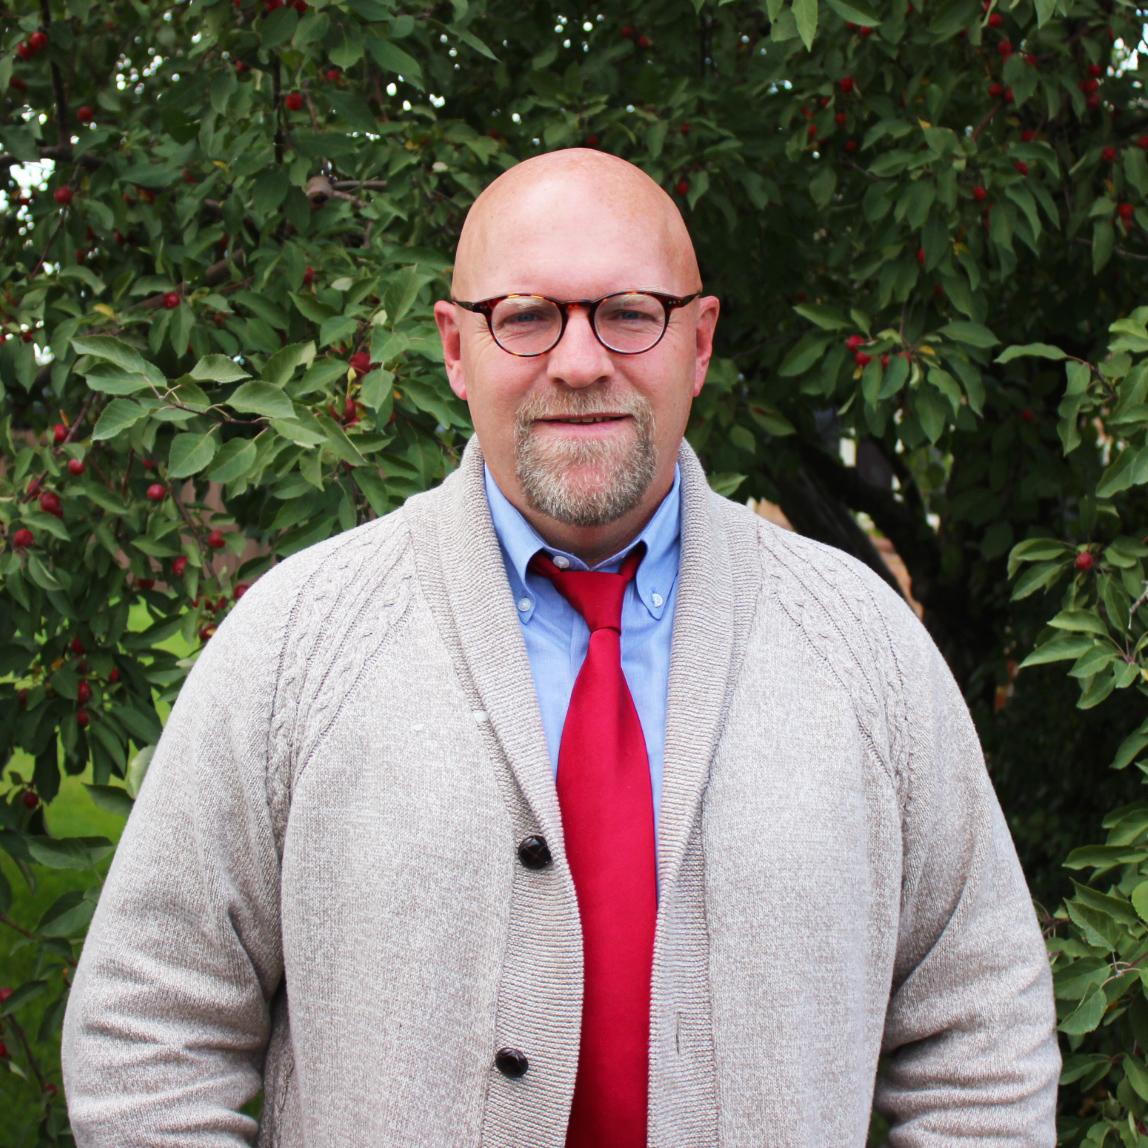 Mr. Duane Tillman - A.C.E.S. Teacher